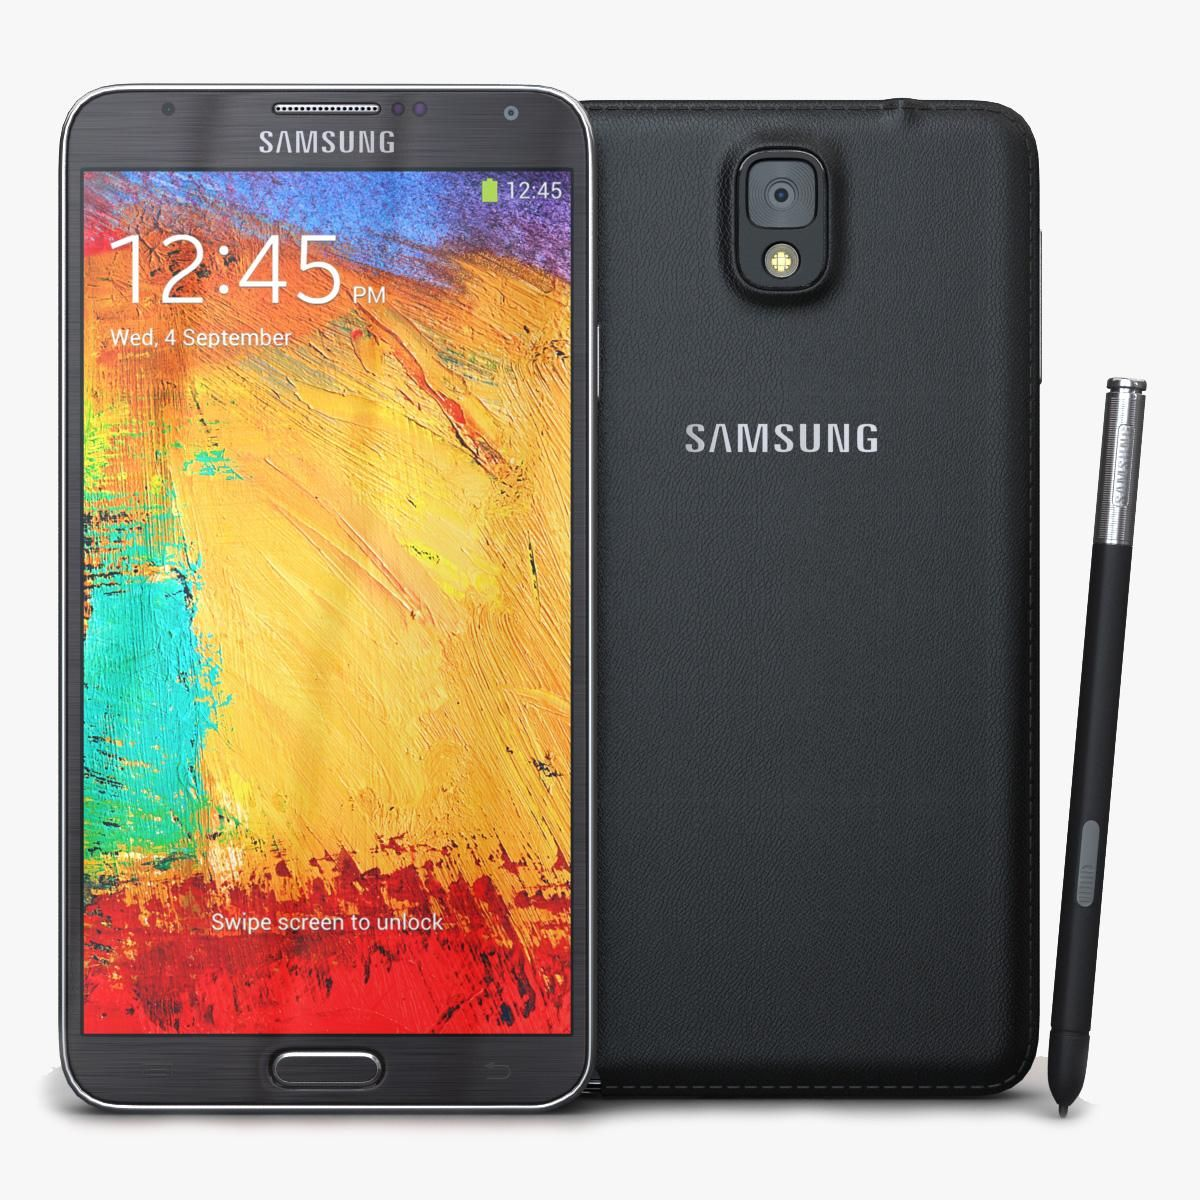 Samsung Galaxy Note 3 Black 3d Model Ad Galaxy Samsung Note Model Samsung Galaxy Galaxy Note 3 Galaxy